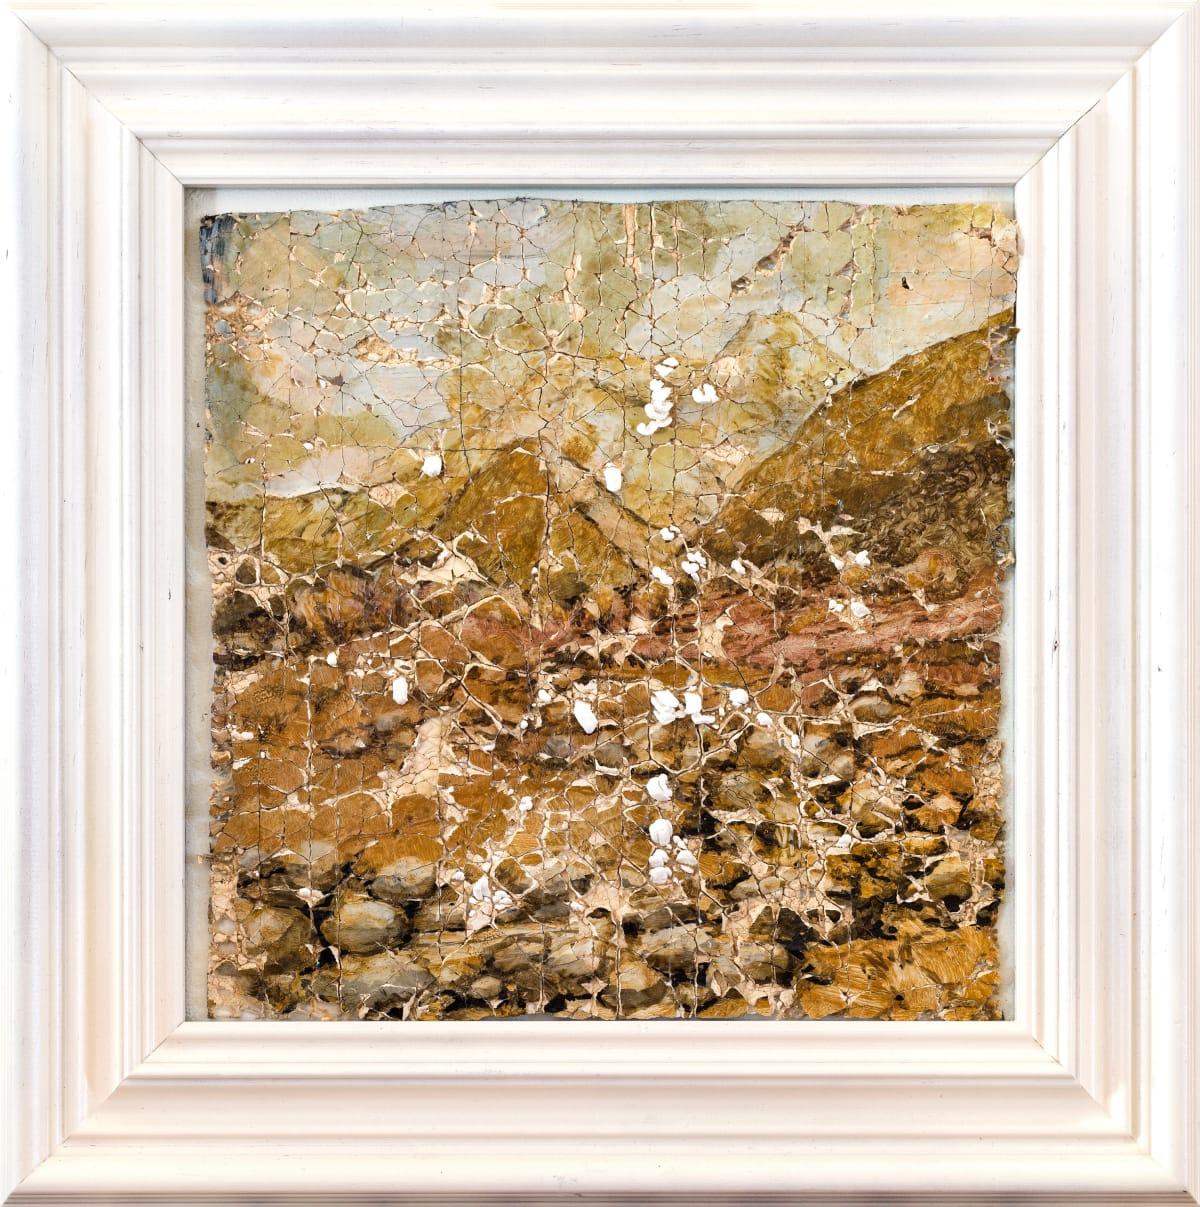 Derek Cowie Stoddart on Cadmium White, 2017 Oil on prepared plaster 16.3 x 16.3 in 41.5 x 41.5 cm